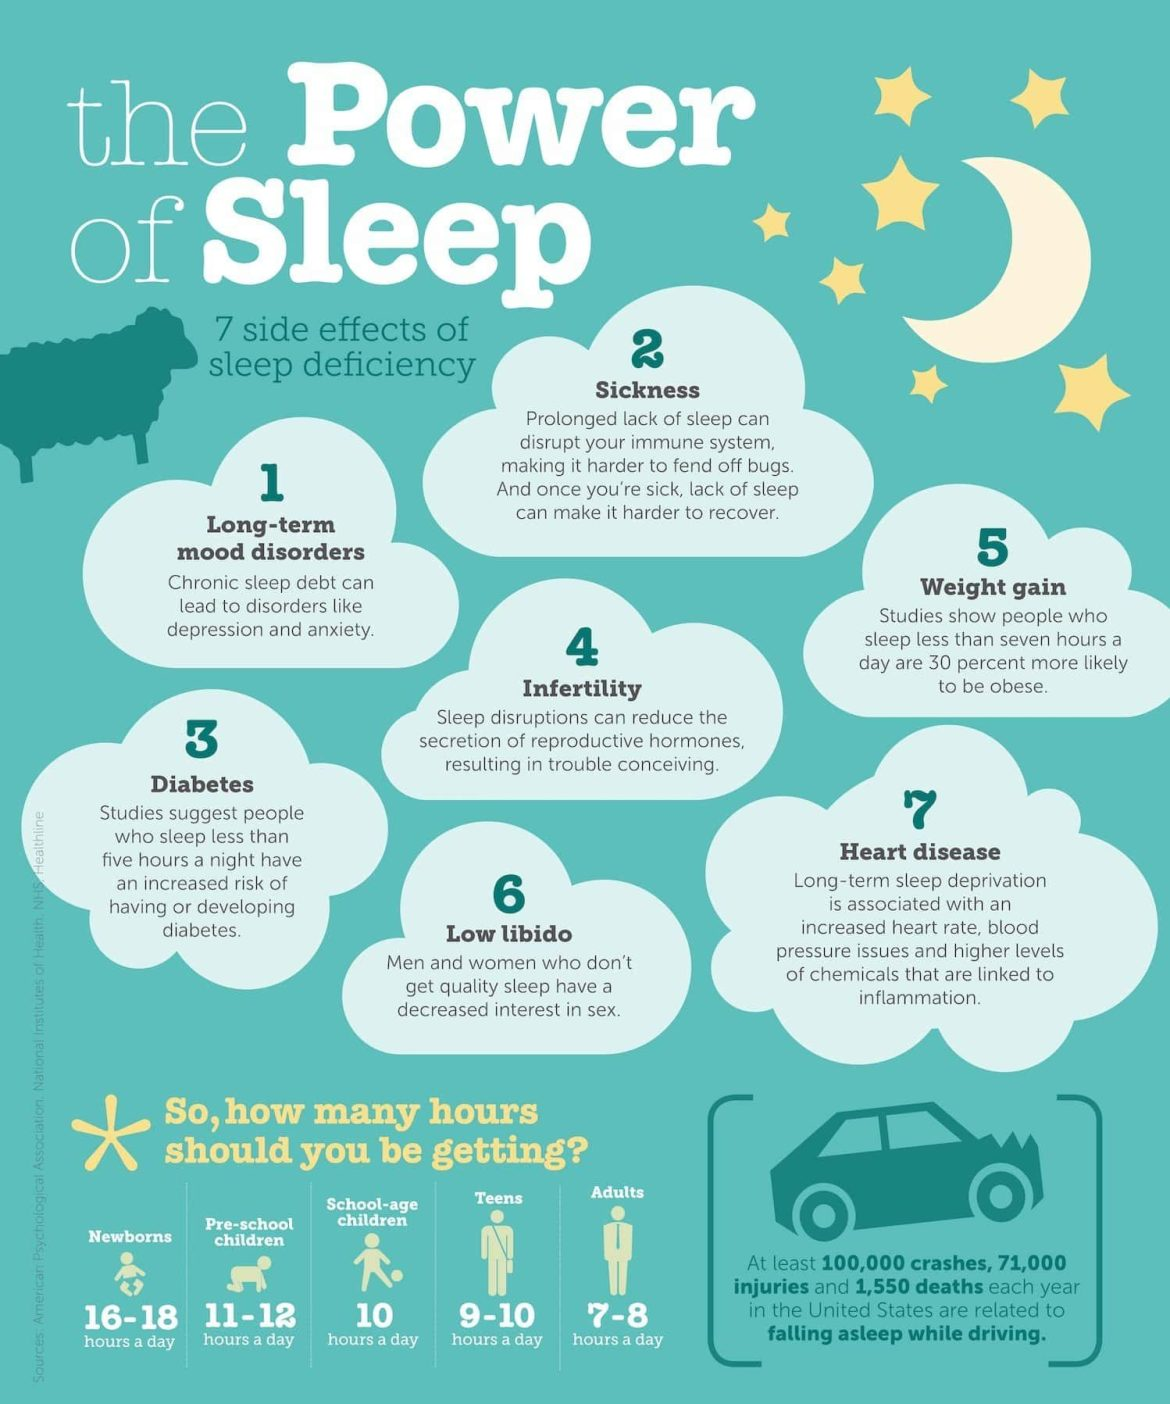 power of sleep